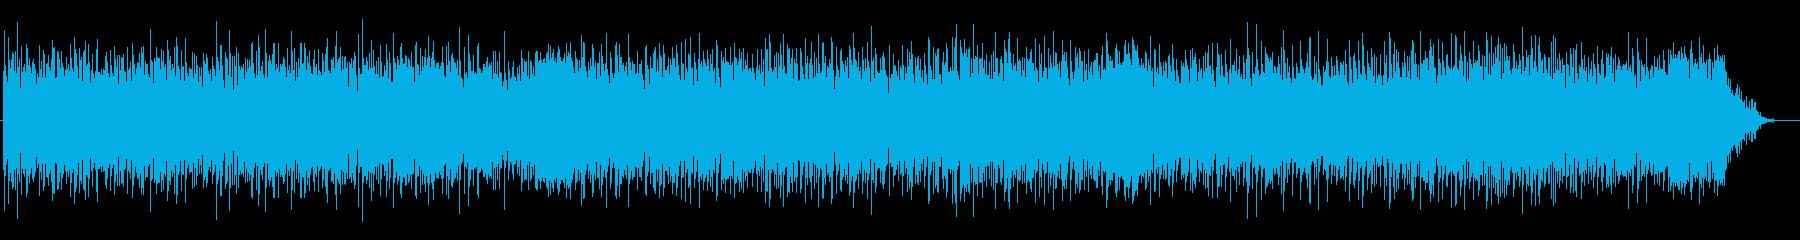 ストレートなロックンロールの再生済みの波形